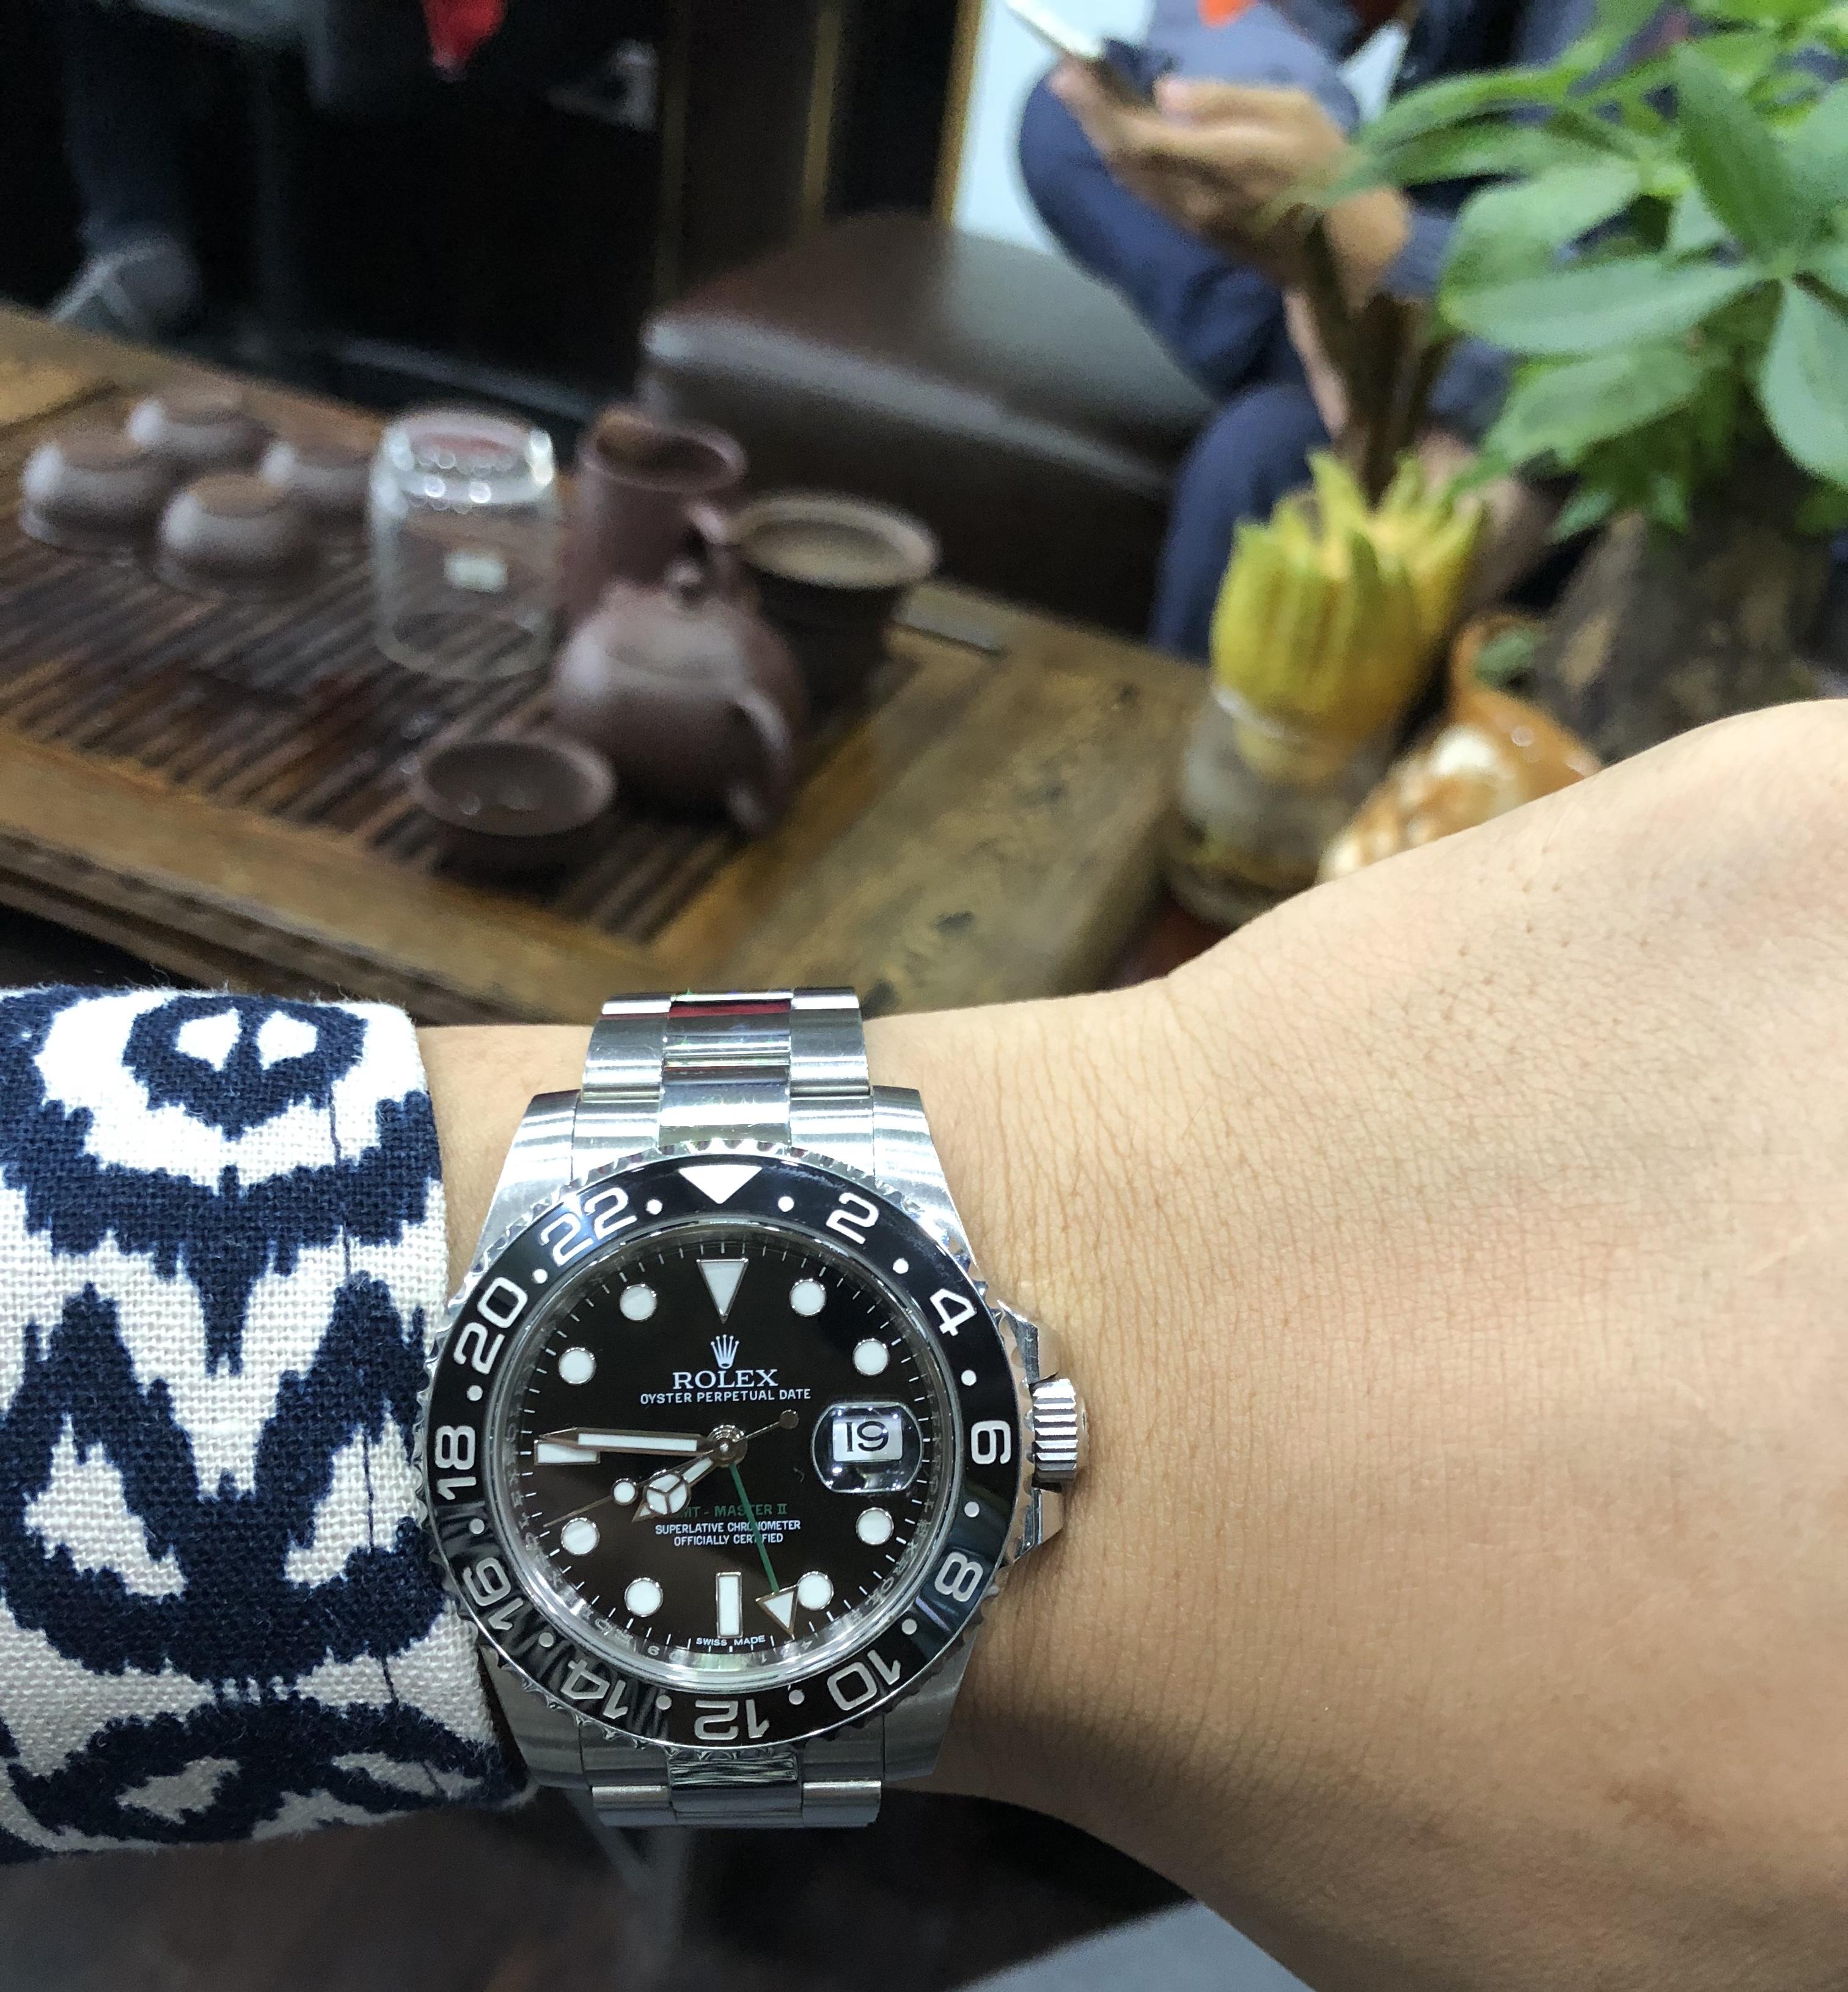 Rolex 116710 chức năng GMT mặt đen sản xuất năm 2016